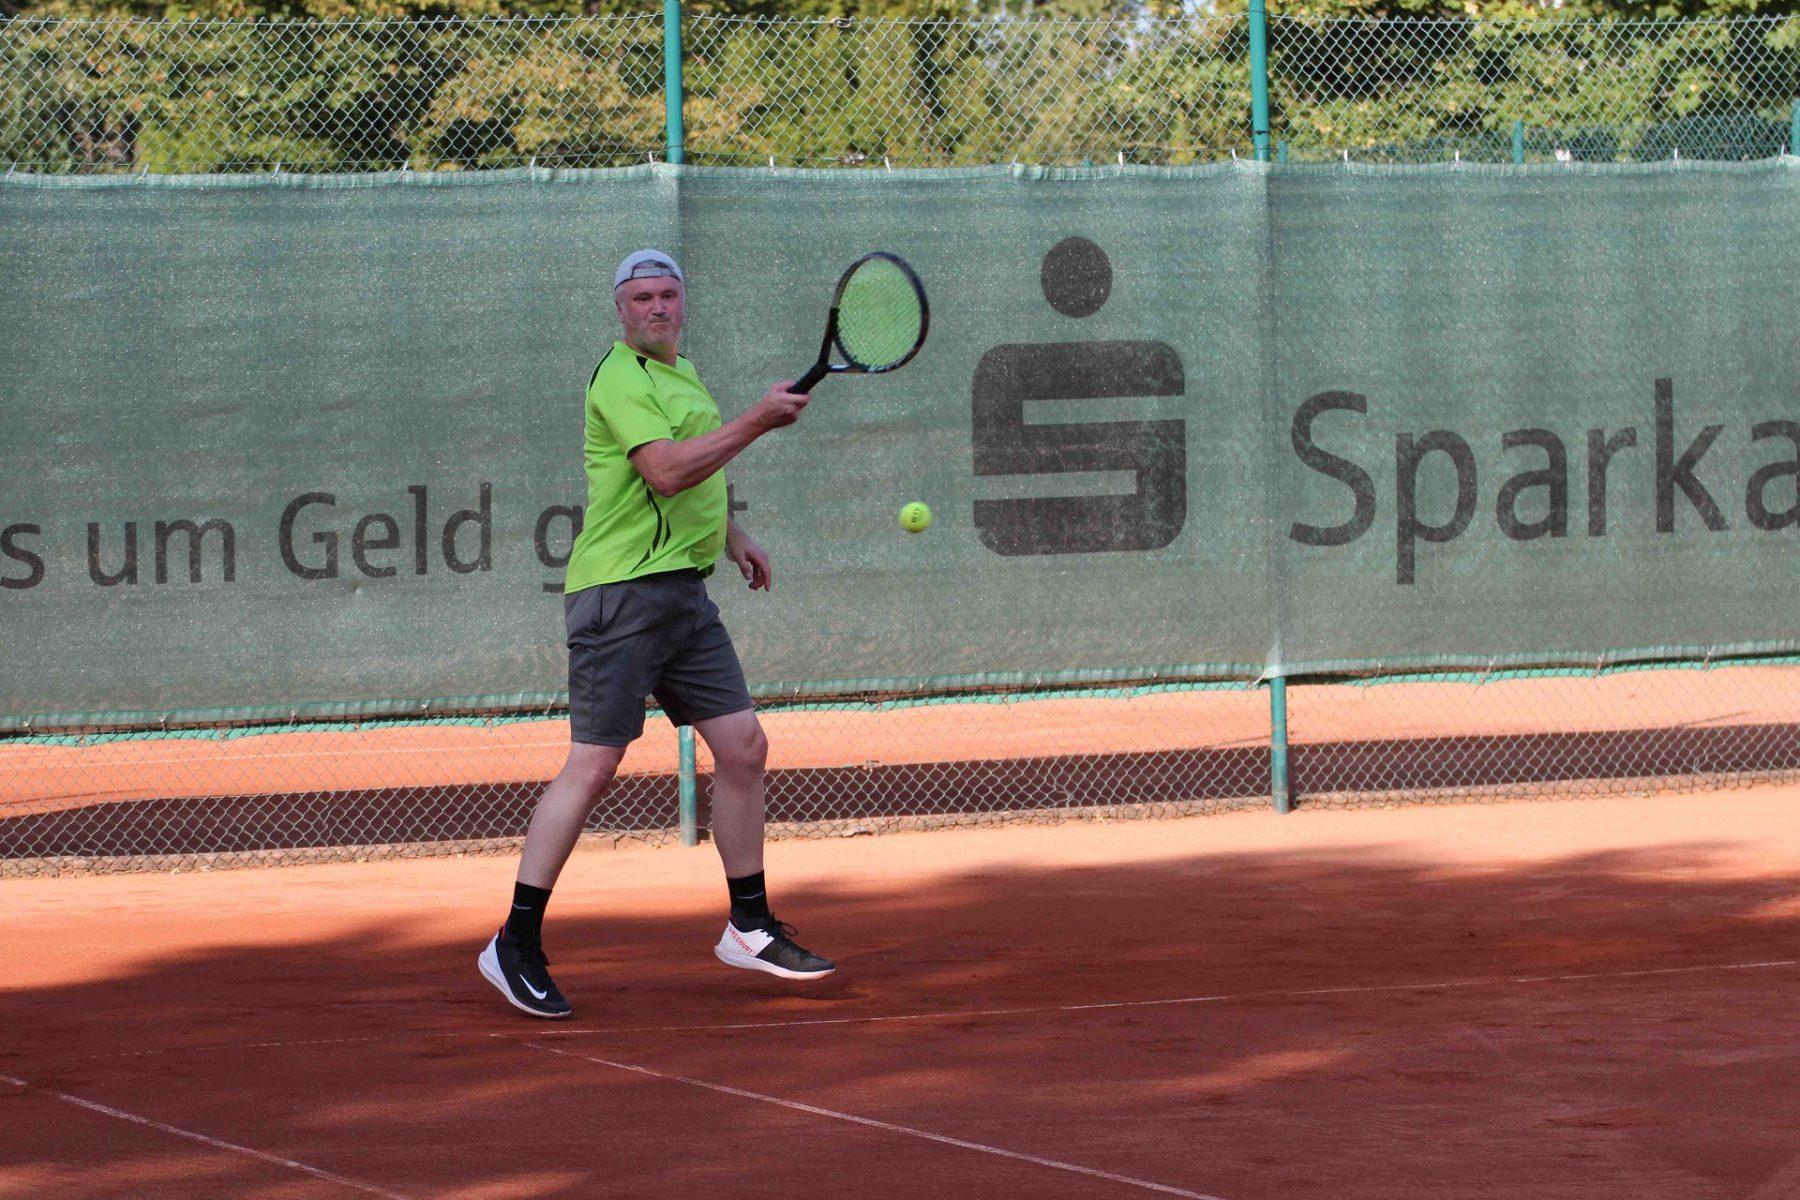 telekom-post-sv-bielefeld-tennisabteilung-vereinsmeisterschaften-2020-impressionen-12-hp